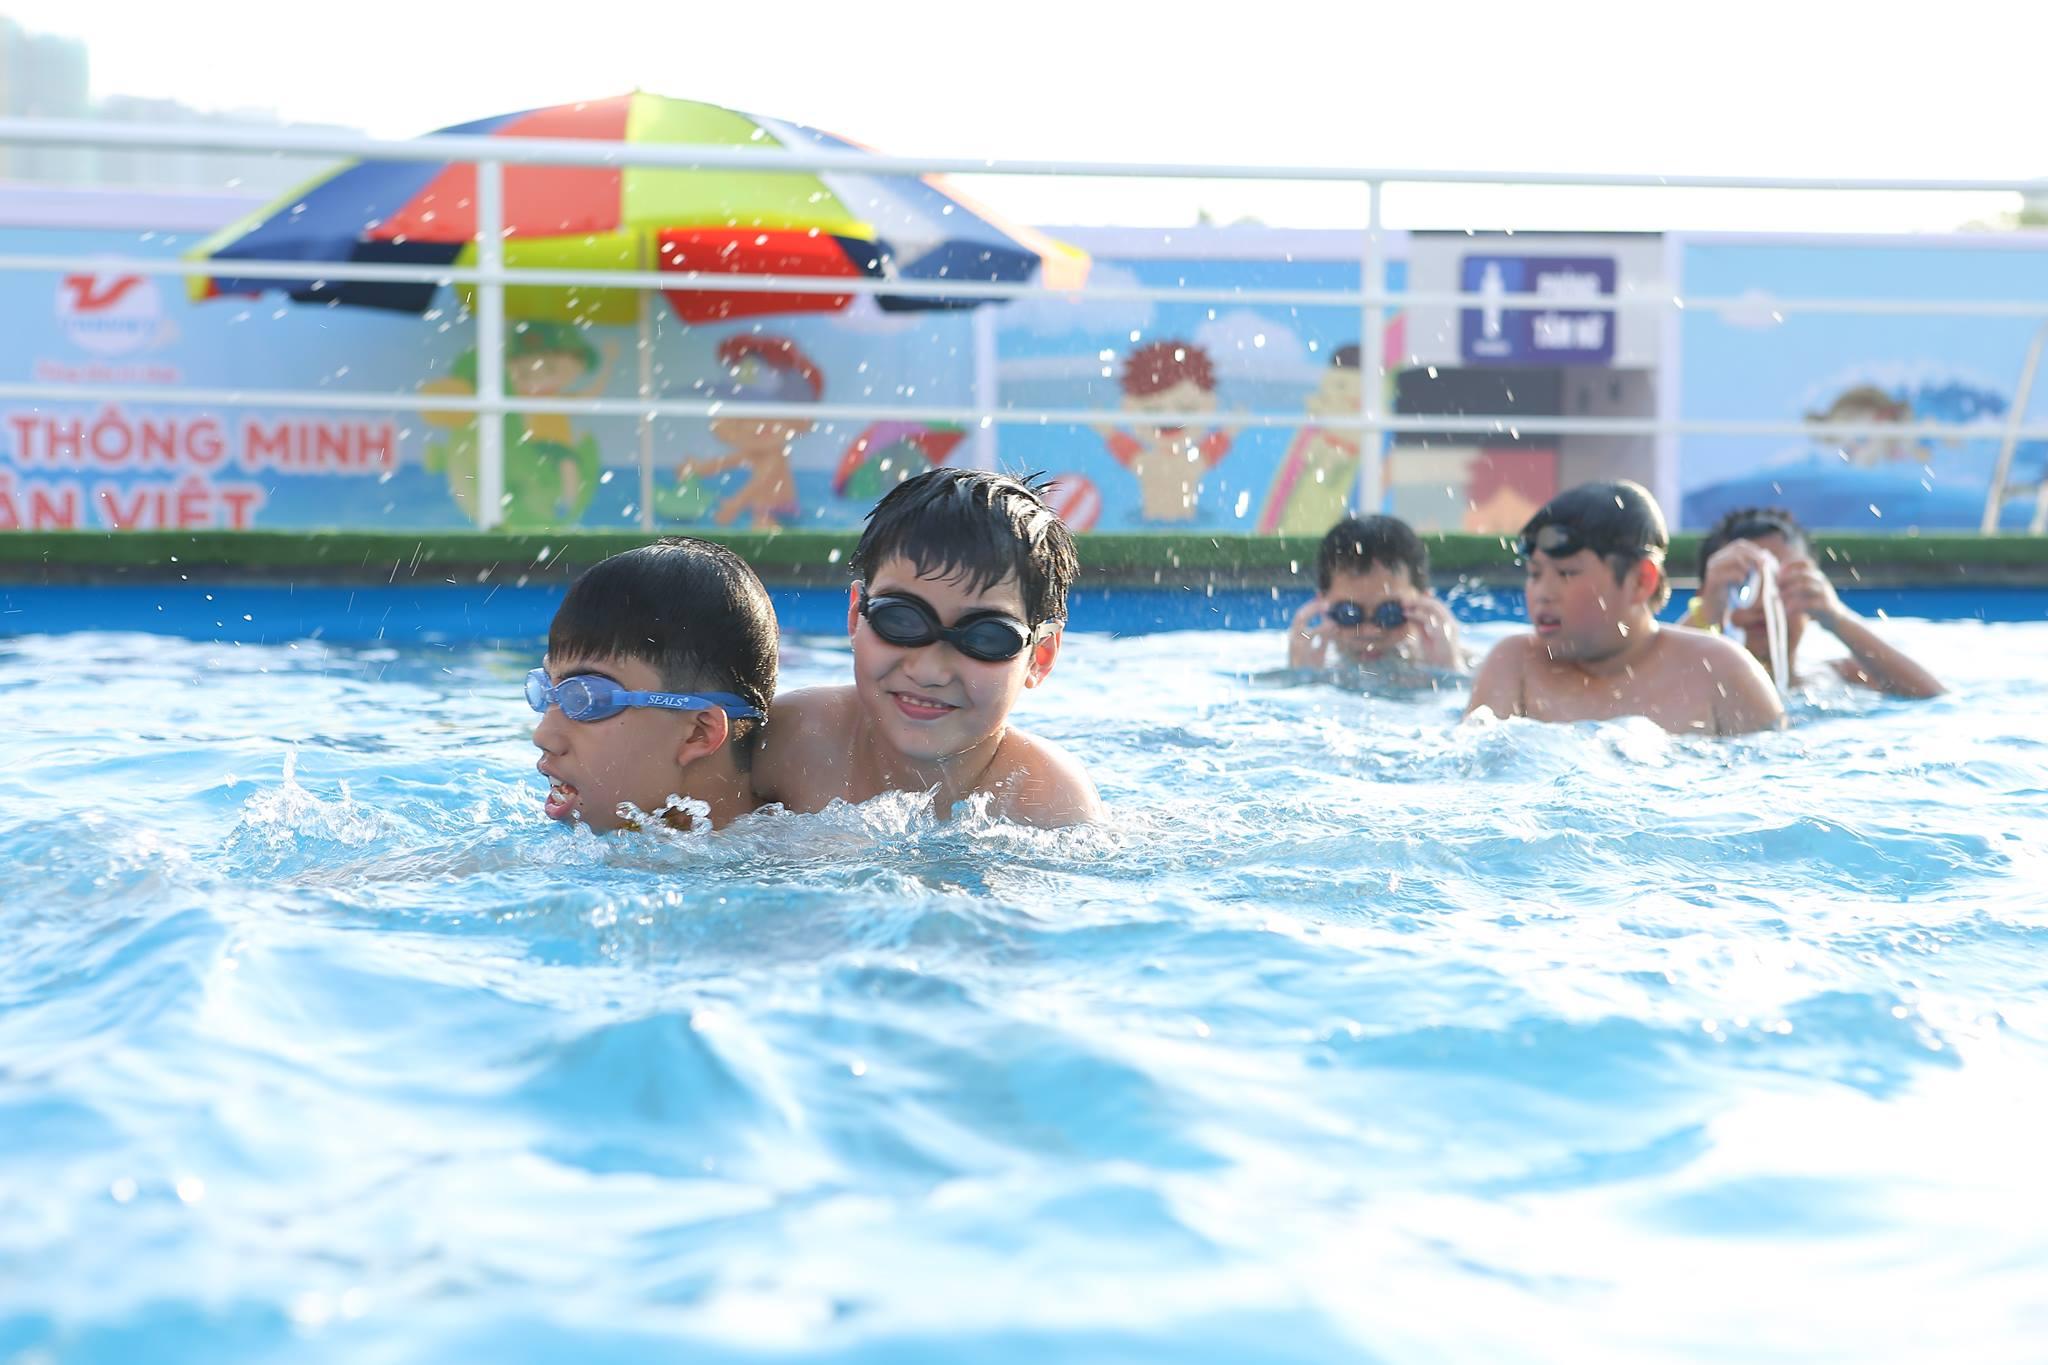 [13/05/2018] Biển Người Tới Dự Khai Trương Bể Bơi Thông Minh - Big C Thăng Long